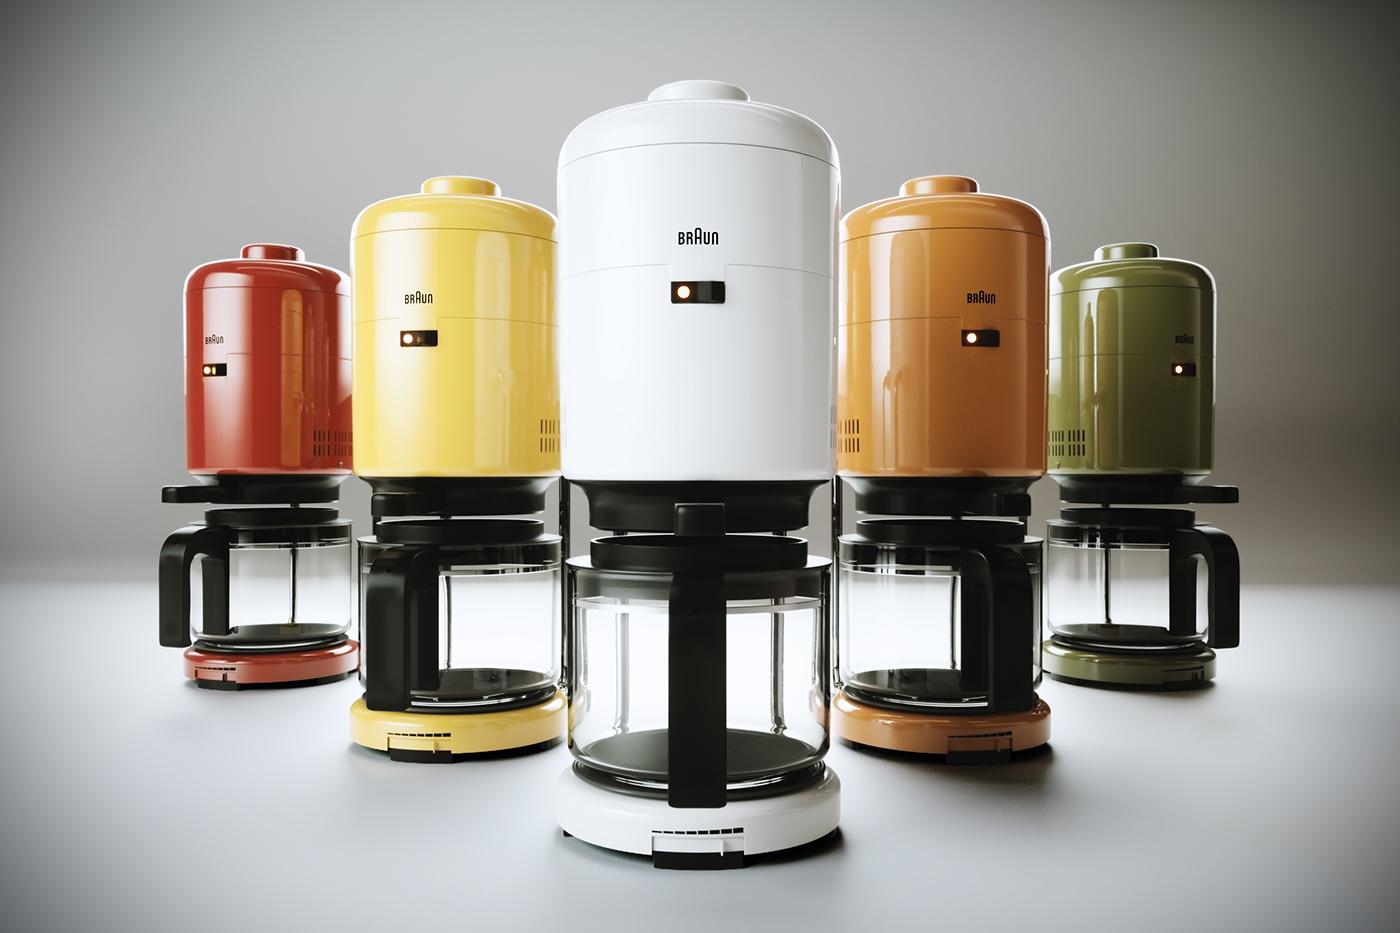 Braun Coffee Maker Bloomingdales : BRAUN KF20 Aromaster on Behance